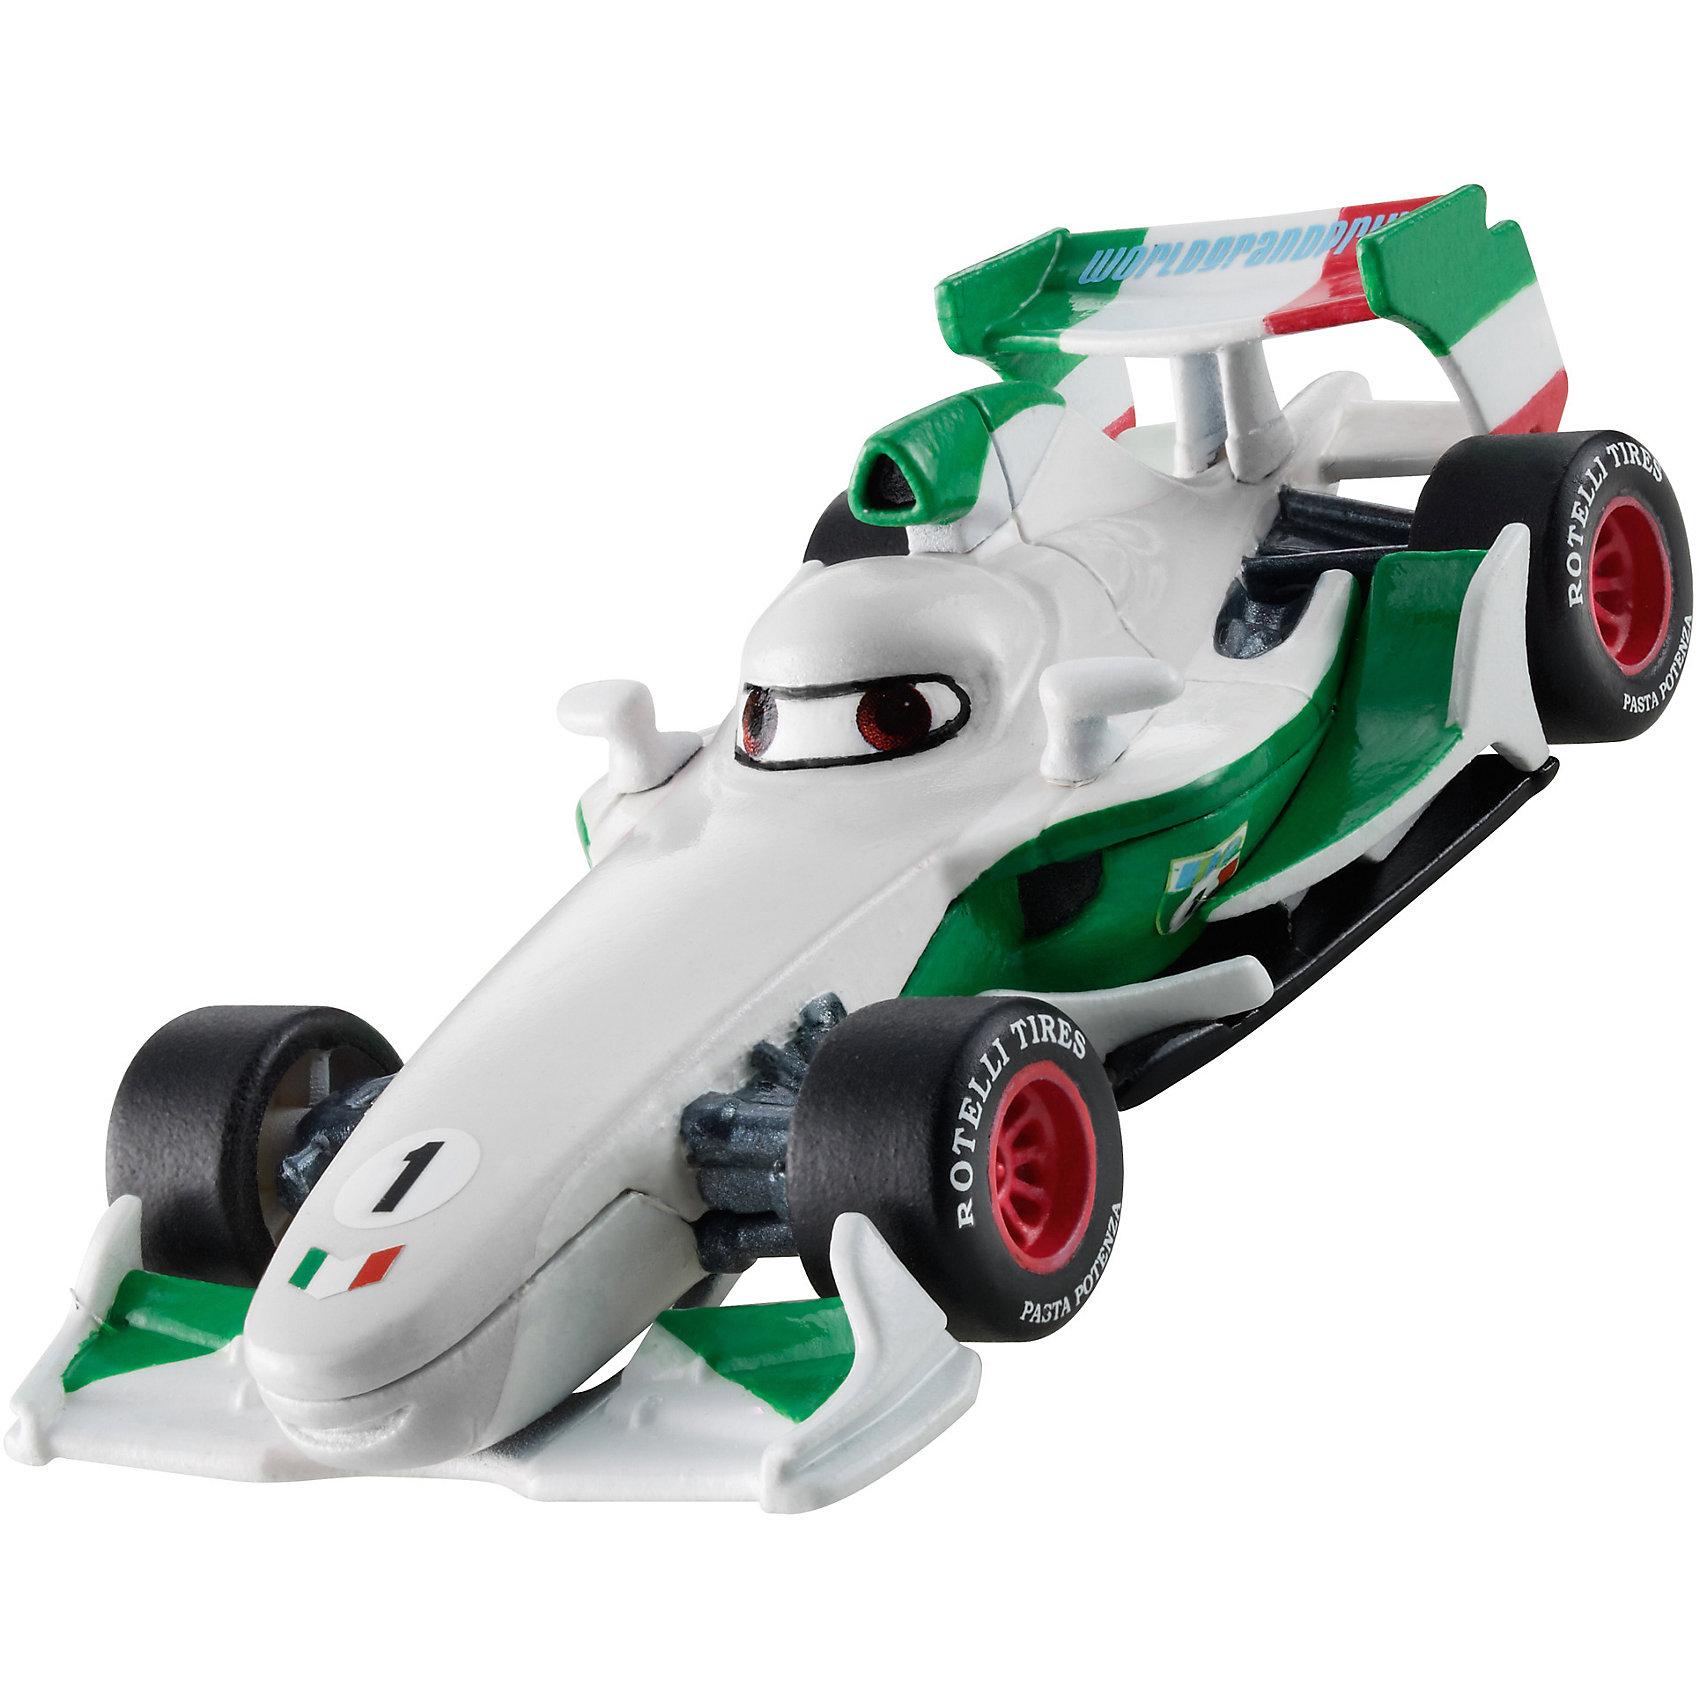 Машинка, меняющая цвет, ТачкиТачки Игрушки<br>Машинка, меняющая цвет, Тачки от Mattel (Маттел) ? герои любимого мультфильма Тачки представлены в новой уникальной серии Color Changers от Mattel. Машинка выполнена из высококачественного пластика, устойчивого к механическим повреждениям. У машины вращающиеся колеса и инерционный механизм. <br>Машинка Франческо выполнена в сочетании белого, красного, черного и зеленого цветов. При погружении в воду, корпус машинки меняет цвет, насыщенность цвета зависит от температуры воды.<br>Машинка, меняющая цвет, Тачки от Mattel (Маттел) позволит не только создать уникальный дизайн машинки, но и воспроизвести полюбившиеся сцены из мультфильма или придумать свою историю с главными героями.<br><br>Дополнительная информация:<br><br>- Вид игр: сюжетно-ролевые <br>- Предназначение: для дома<br>- Серия: Color Changers<br>- Материал: пластик<br>- Размер: 4,5*14*21,5 см<br>- Вес: 84 г <br>- Особенности ухода: разрешается мыть<br><br>Подробнее:<br><br>• Для детей в возрасте: от 3 лет и до 10 лет<br>• Страна производитель: Китай<br>• Торговый бренд: Mattel<br><br>Машинку, меняющую цвет, Тачки от Mattel (Маттел) можно купить в нашем интернет-магазине.<br><br>Ширина мм: 45<br>Глубина мм: 140<br>Высота мм: 215<br>Вес г: 84<br>Возраст от месяцев: 36<br>Возраст до месяцев: 120<br>Пол: Мужской<br>Возраст: Детский<br>SKU: 4918473